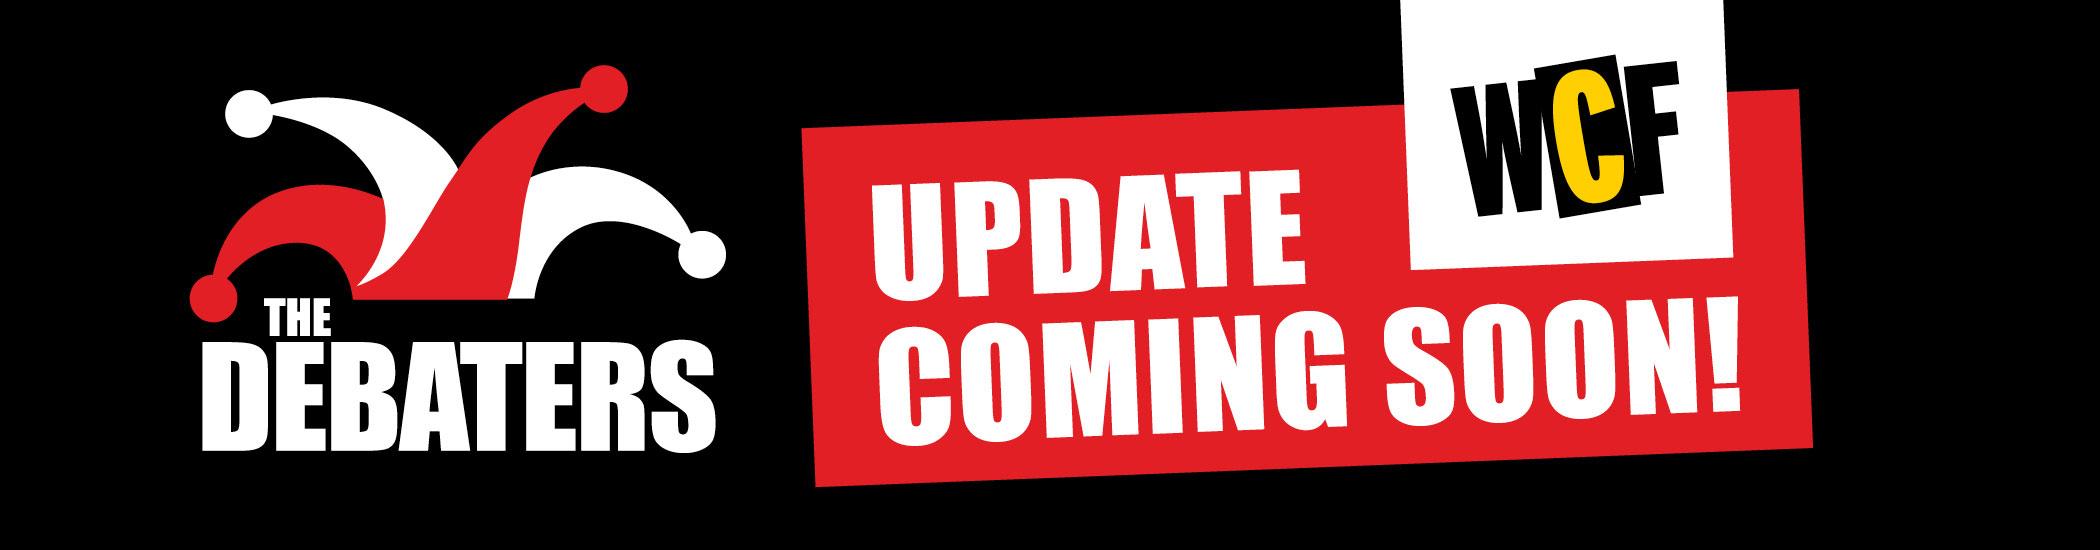 Debaters: Update Coming Soon!